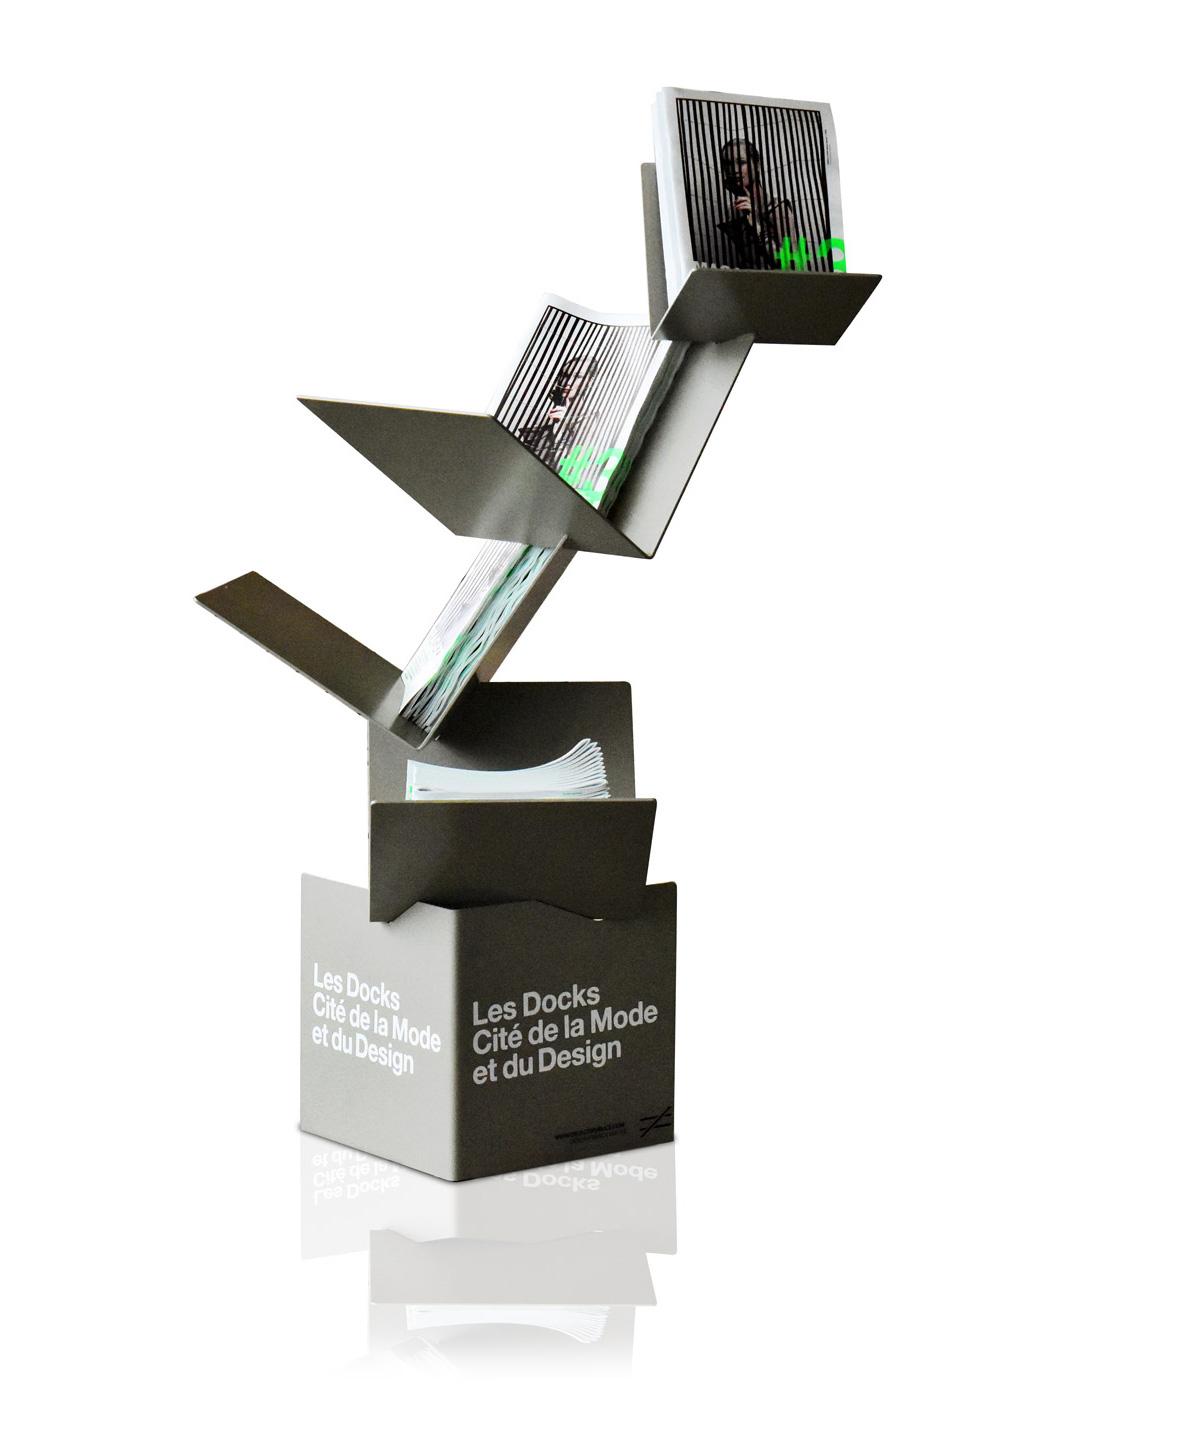 objets publics a livre ouvert support de magazines cité de la mode et du design design franck magné